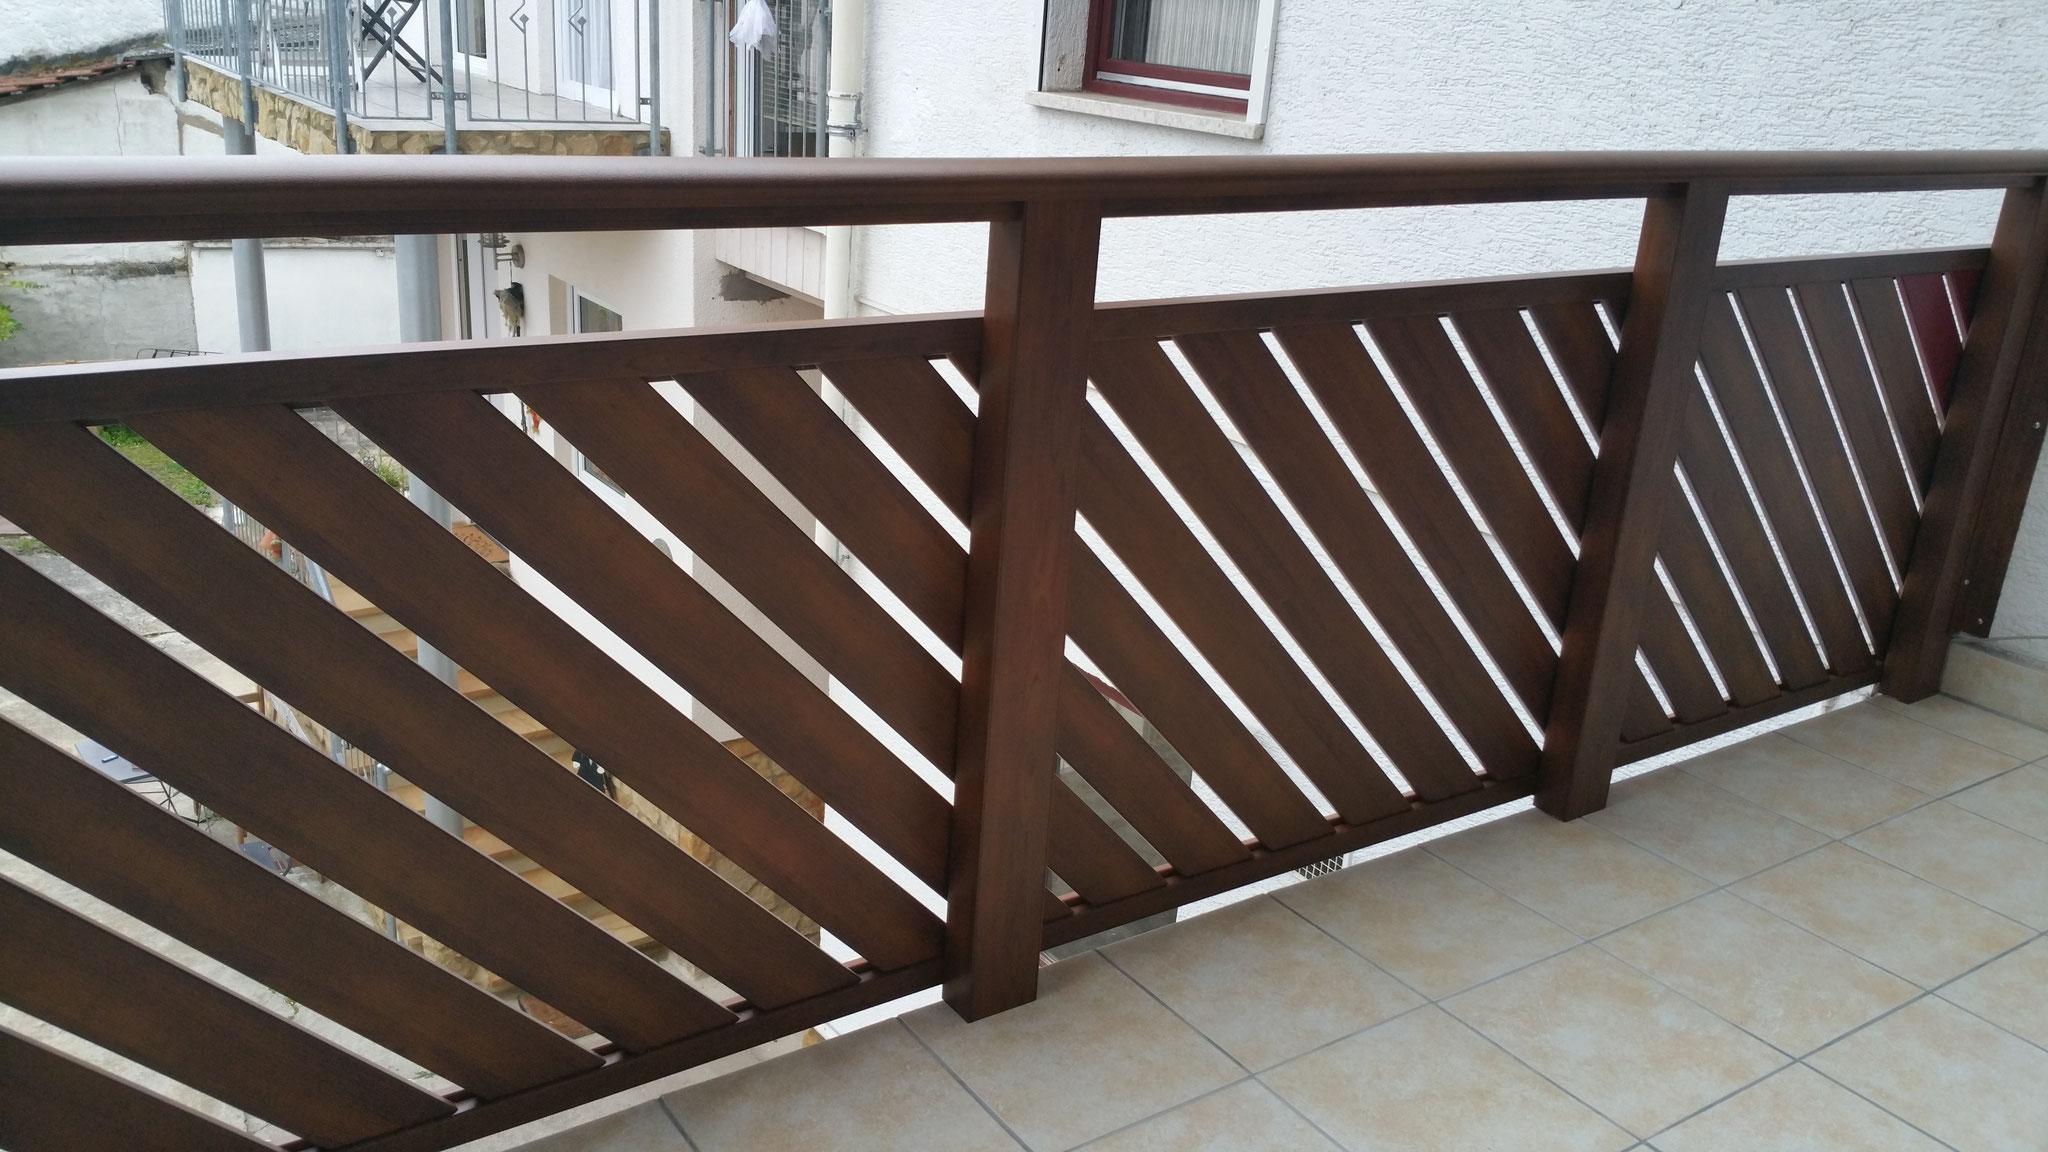 Alu Balkongeländer Pisa mit Pulverbeschichtung Holzstruktur Kastanie.